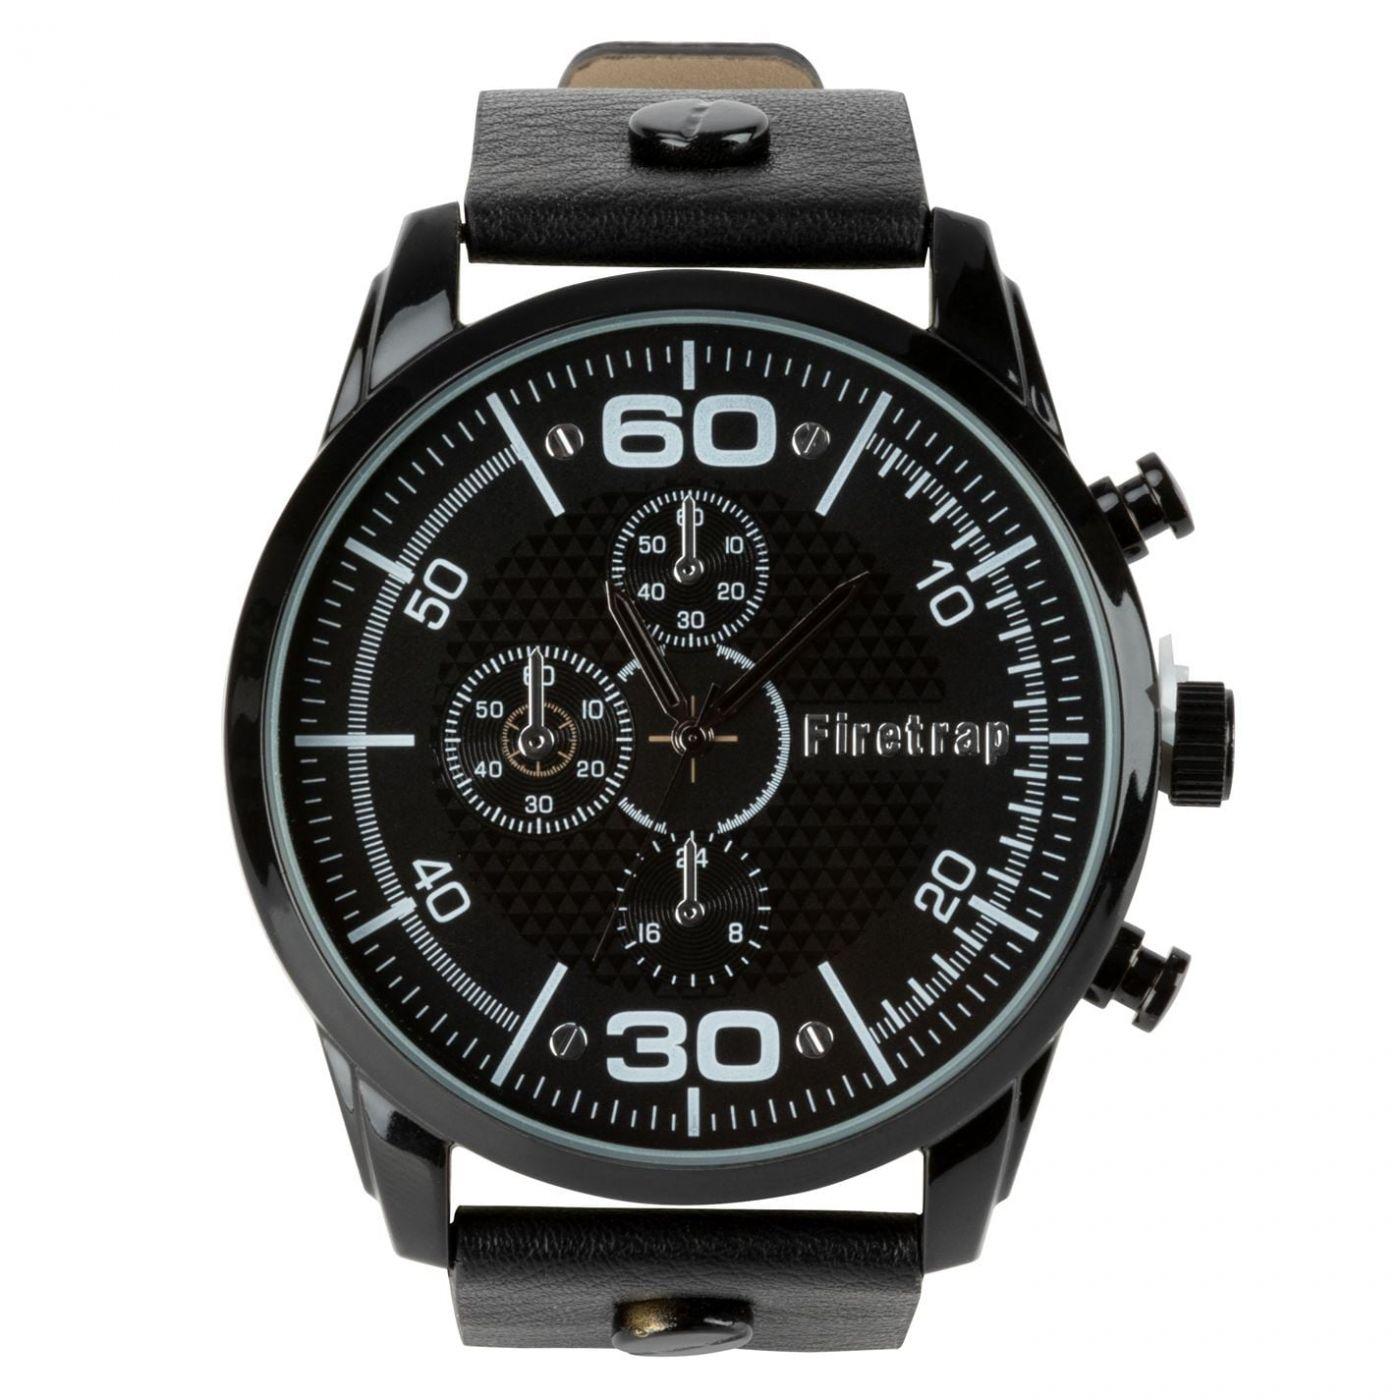 Crafted Essentials OvS Watch